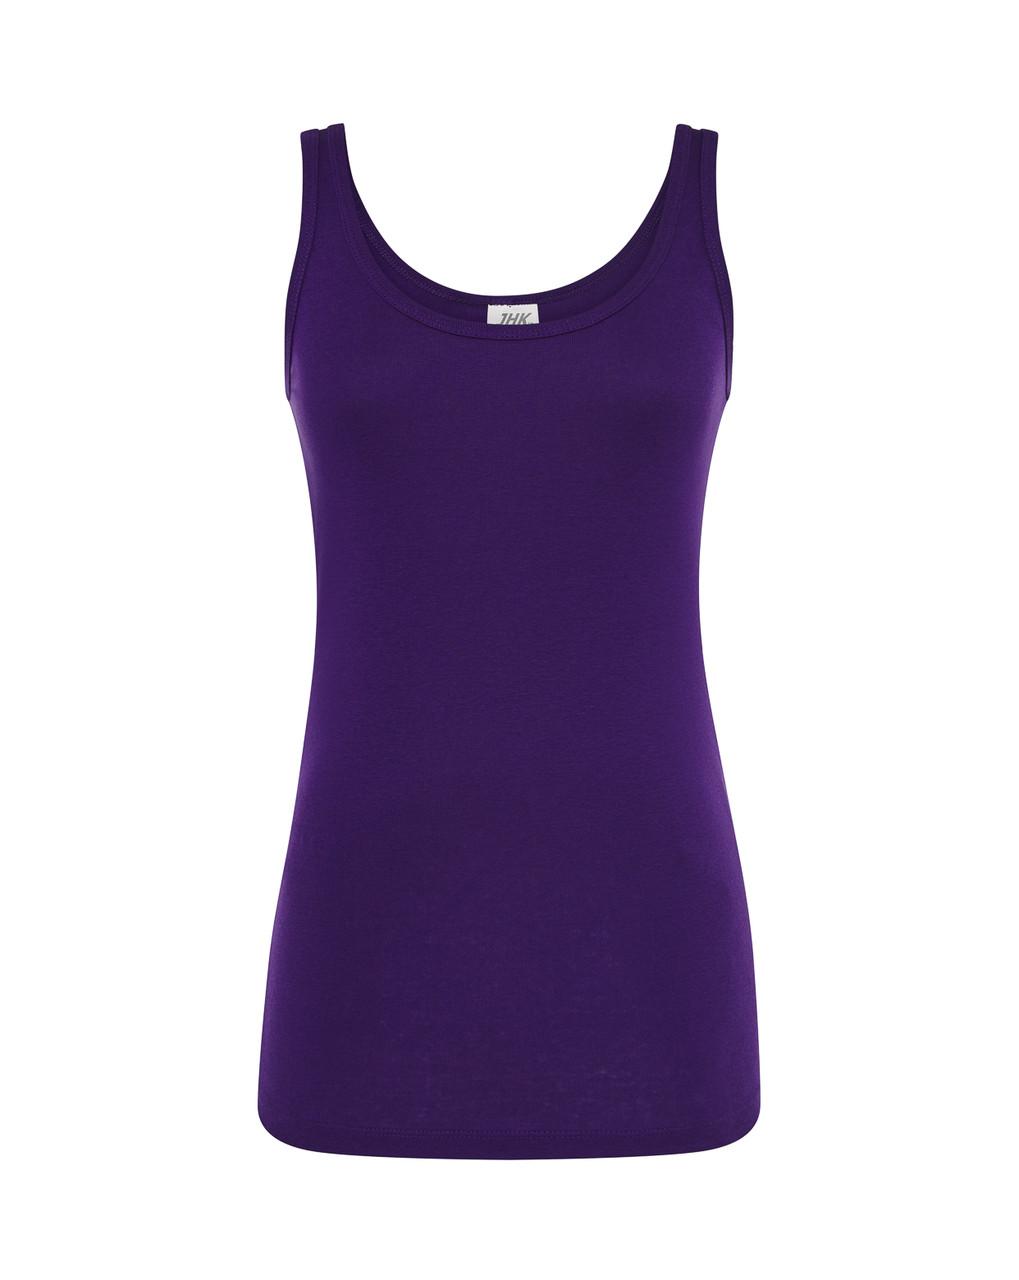 Женская майка JHK VICTORIA цвет фиолетовый (PU)